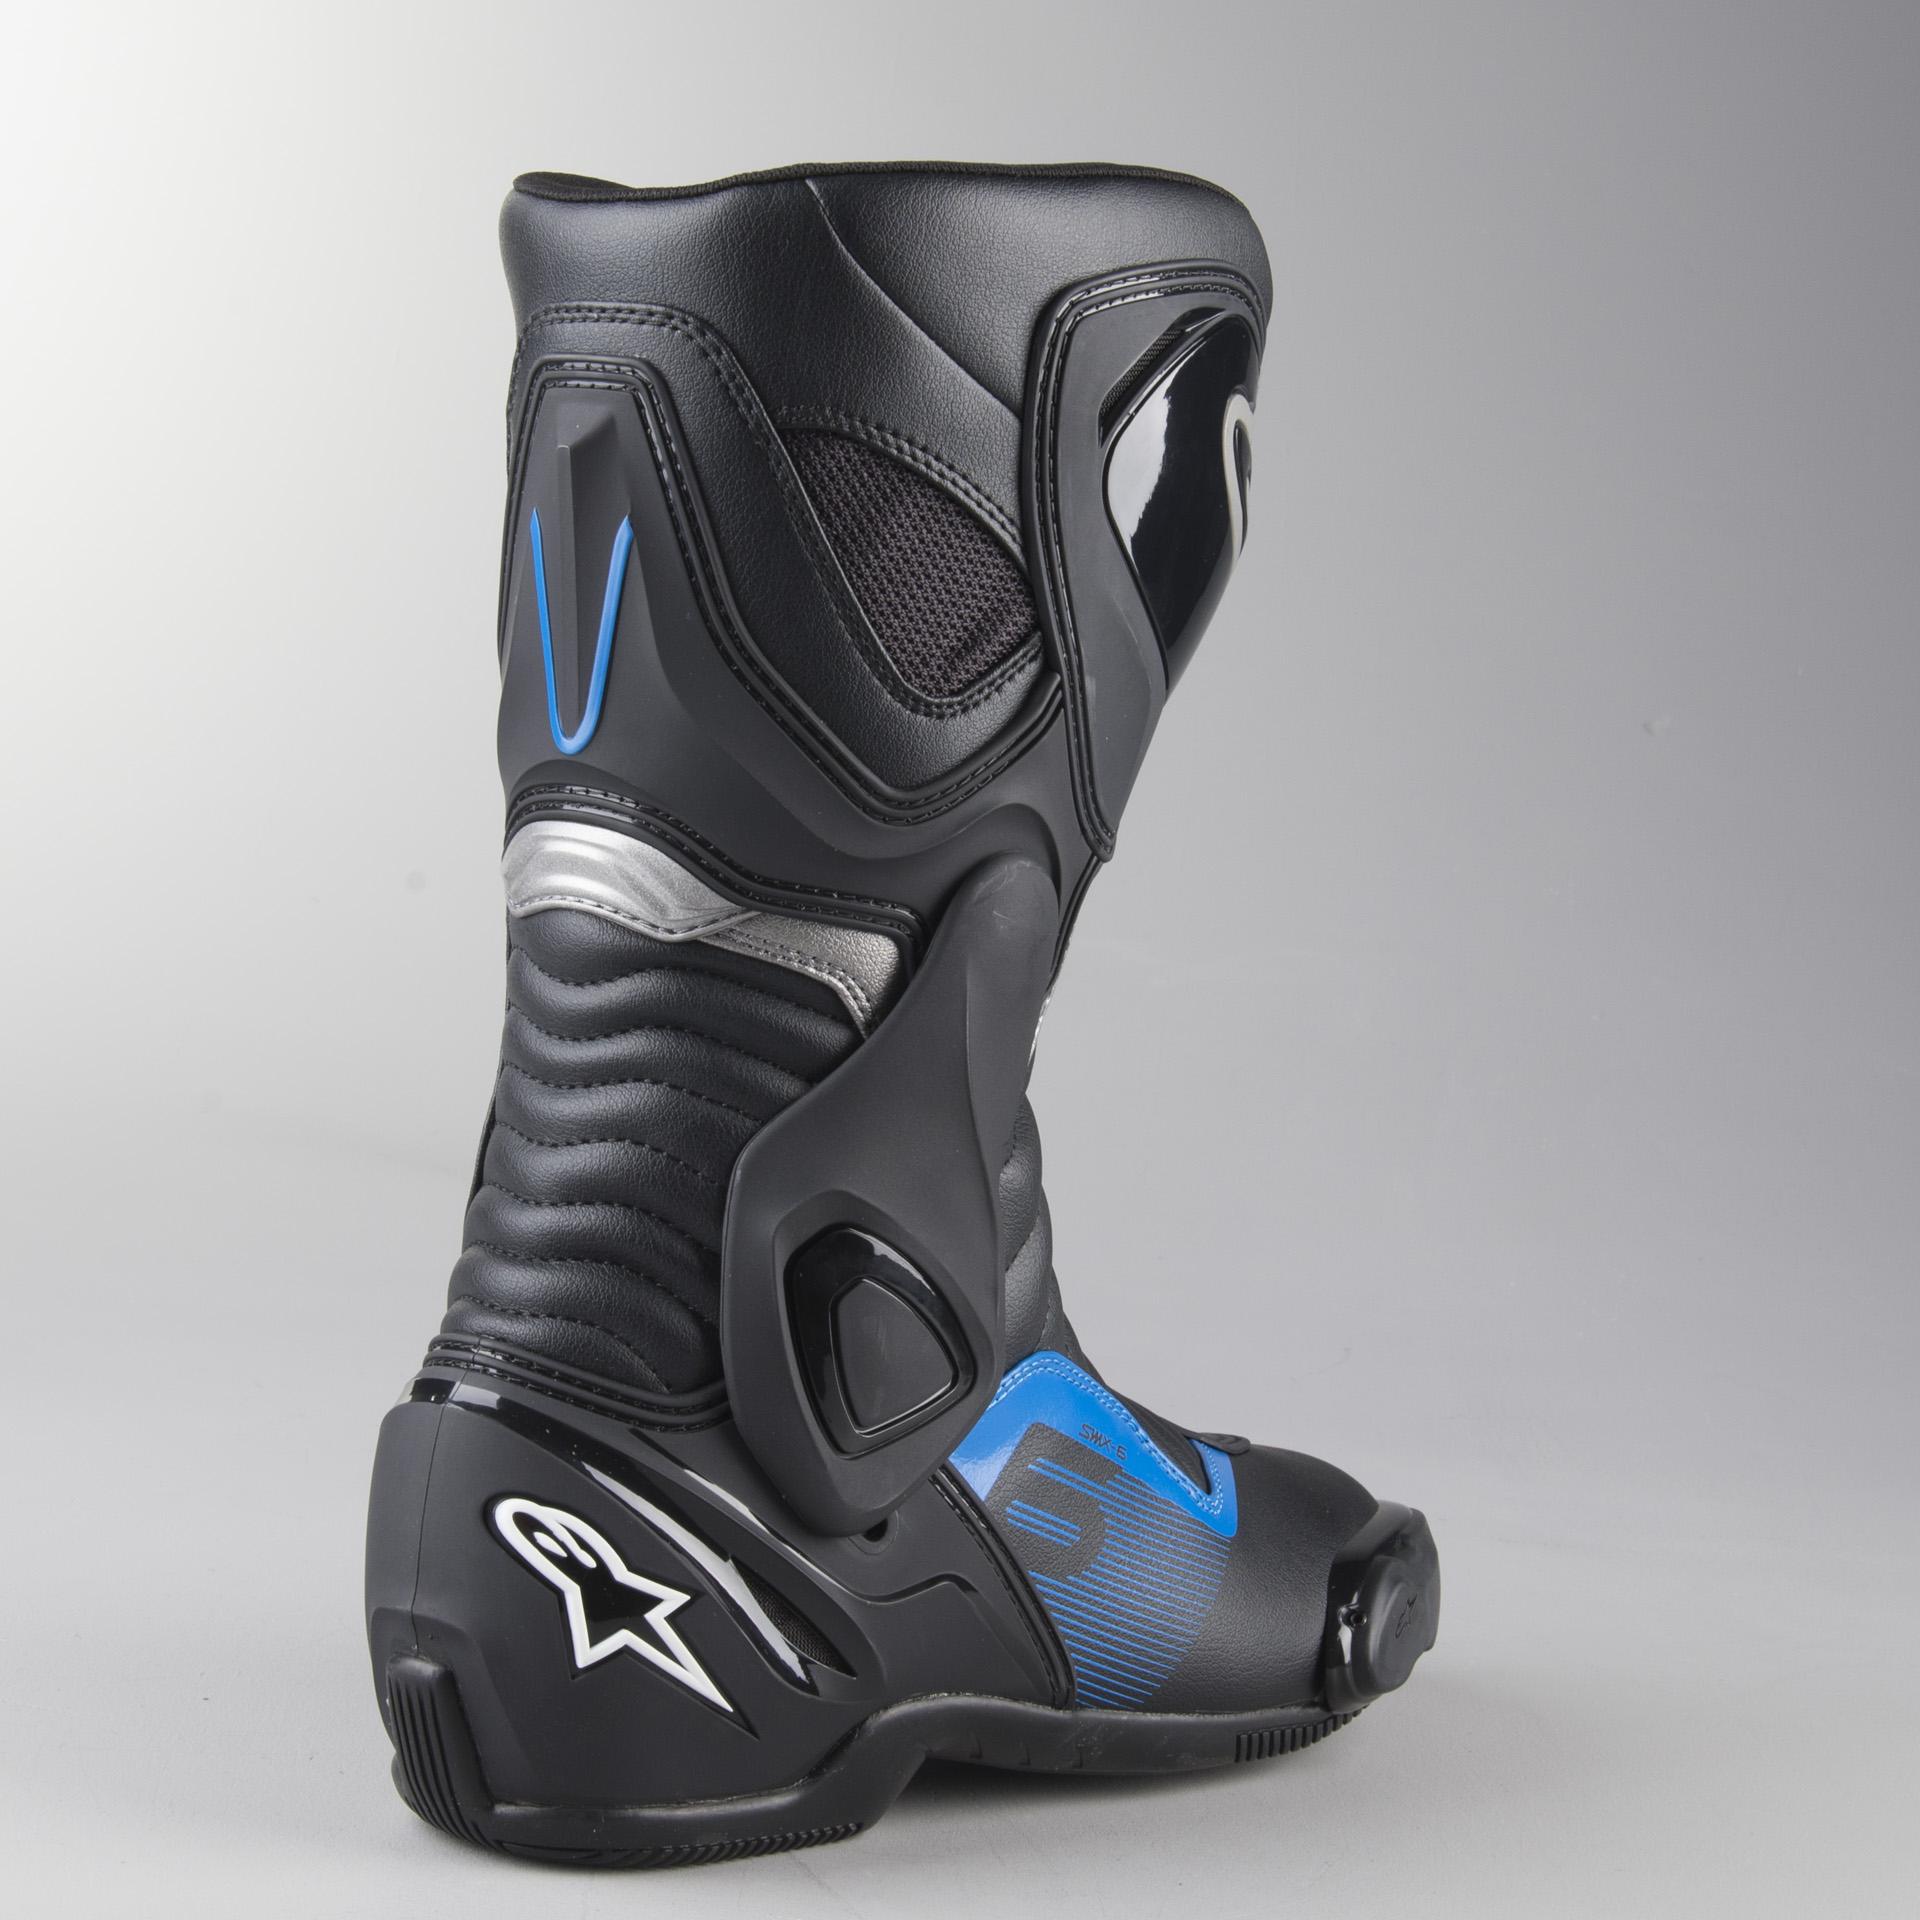 bottes moto tcx sp-master blanc-noir-bleu avis